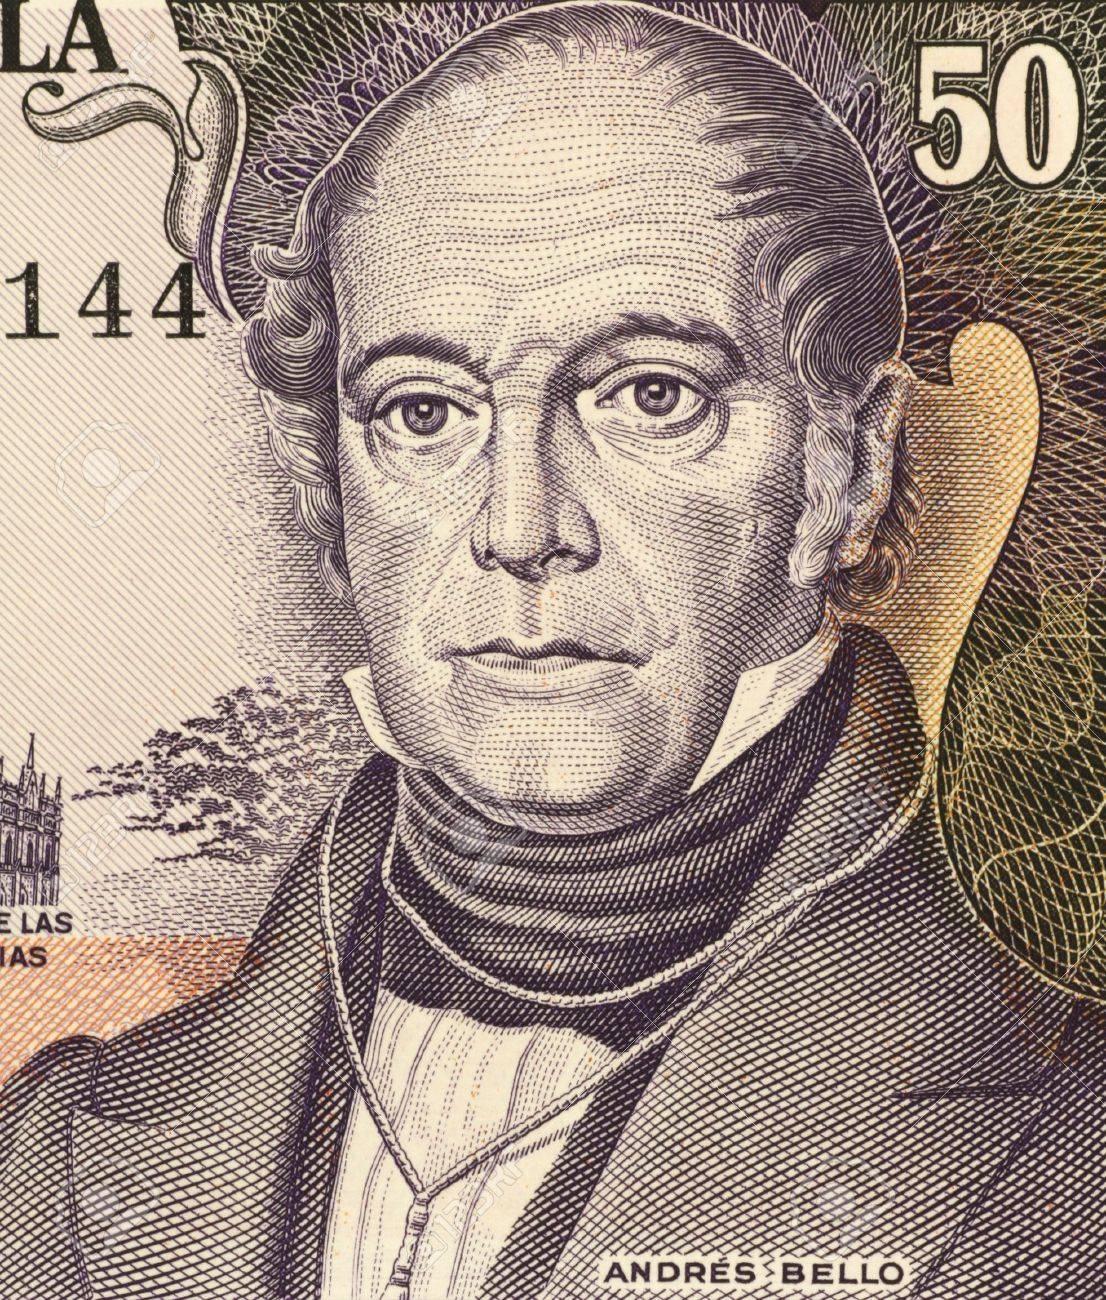 <b>Andrés Bello</b> (1781-1865) Auf 50 Bolivares 1995 Banknote Aus Venezuela. - 7008455-Andr-s-Bello-1781-1865-auf-50-Bolivares-1995-Banknote-aus-Venezuela-Venezolanischen-Humanist-Philoso-Lizenzfreie-Bilder